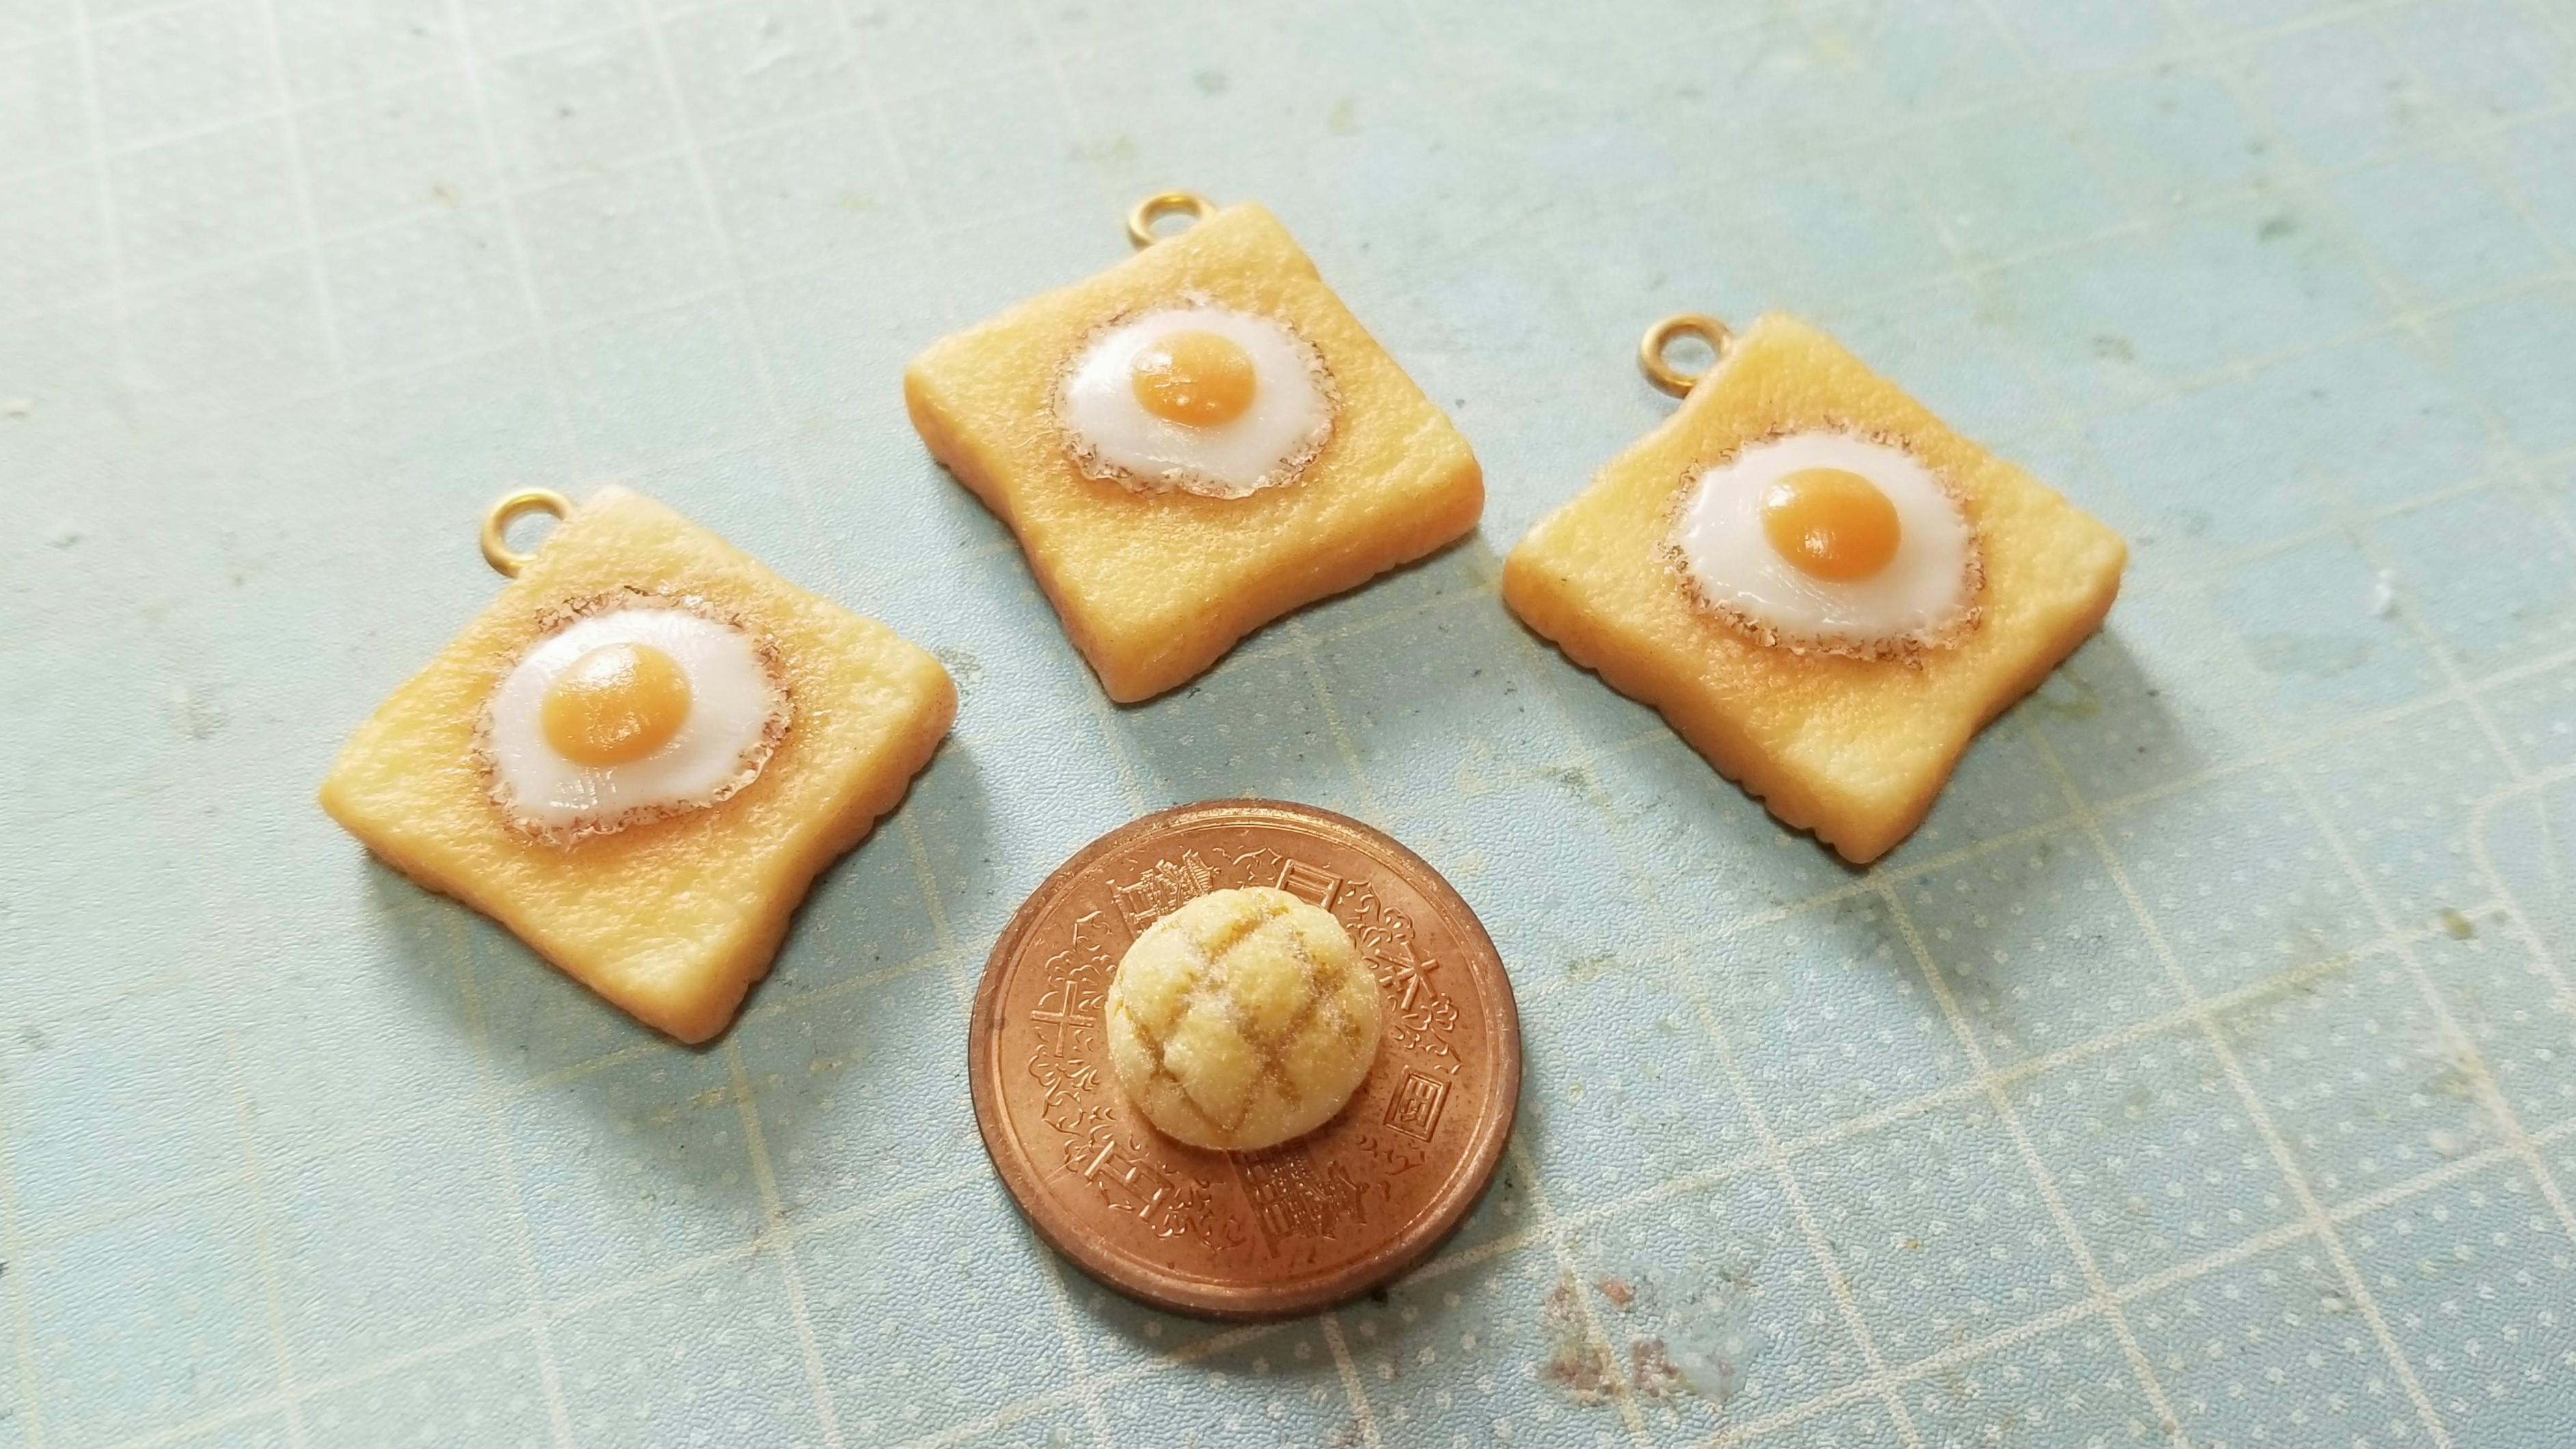 ハンドメイド小物手作り仕事ミニチュアパンかわいいおすすめ人気商品